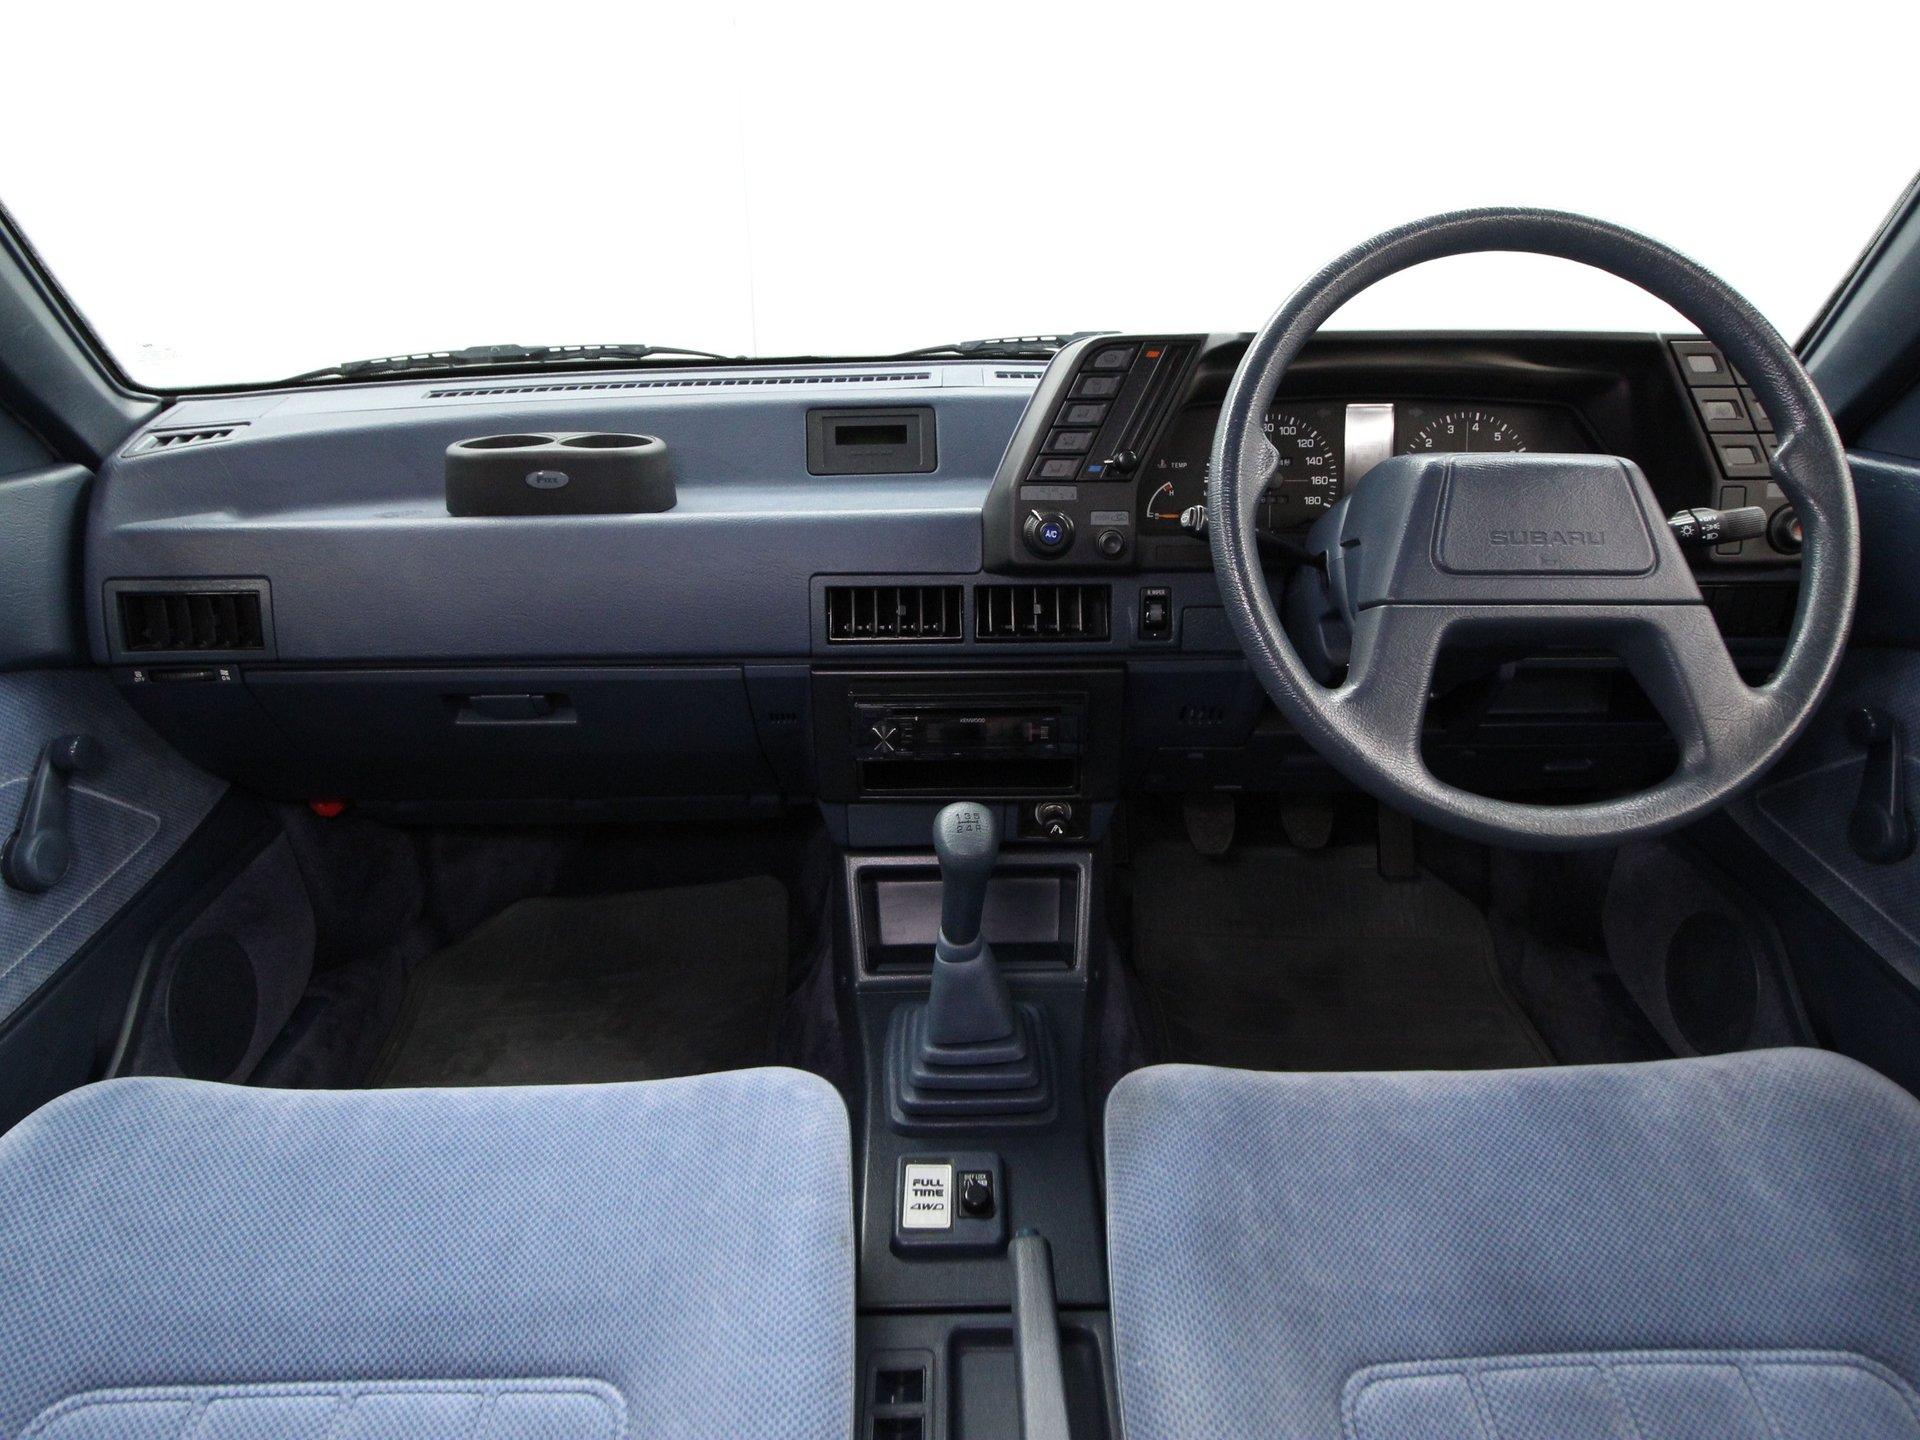 1988 Subaru Leone